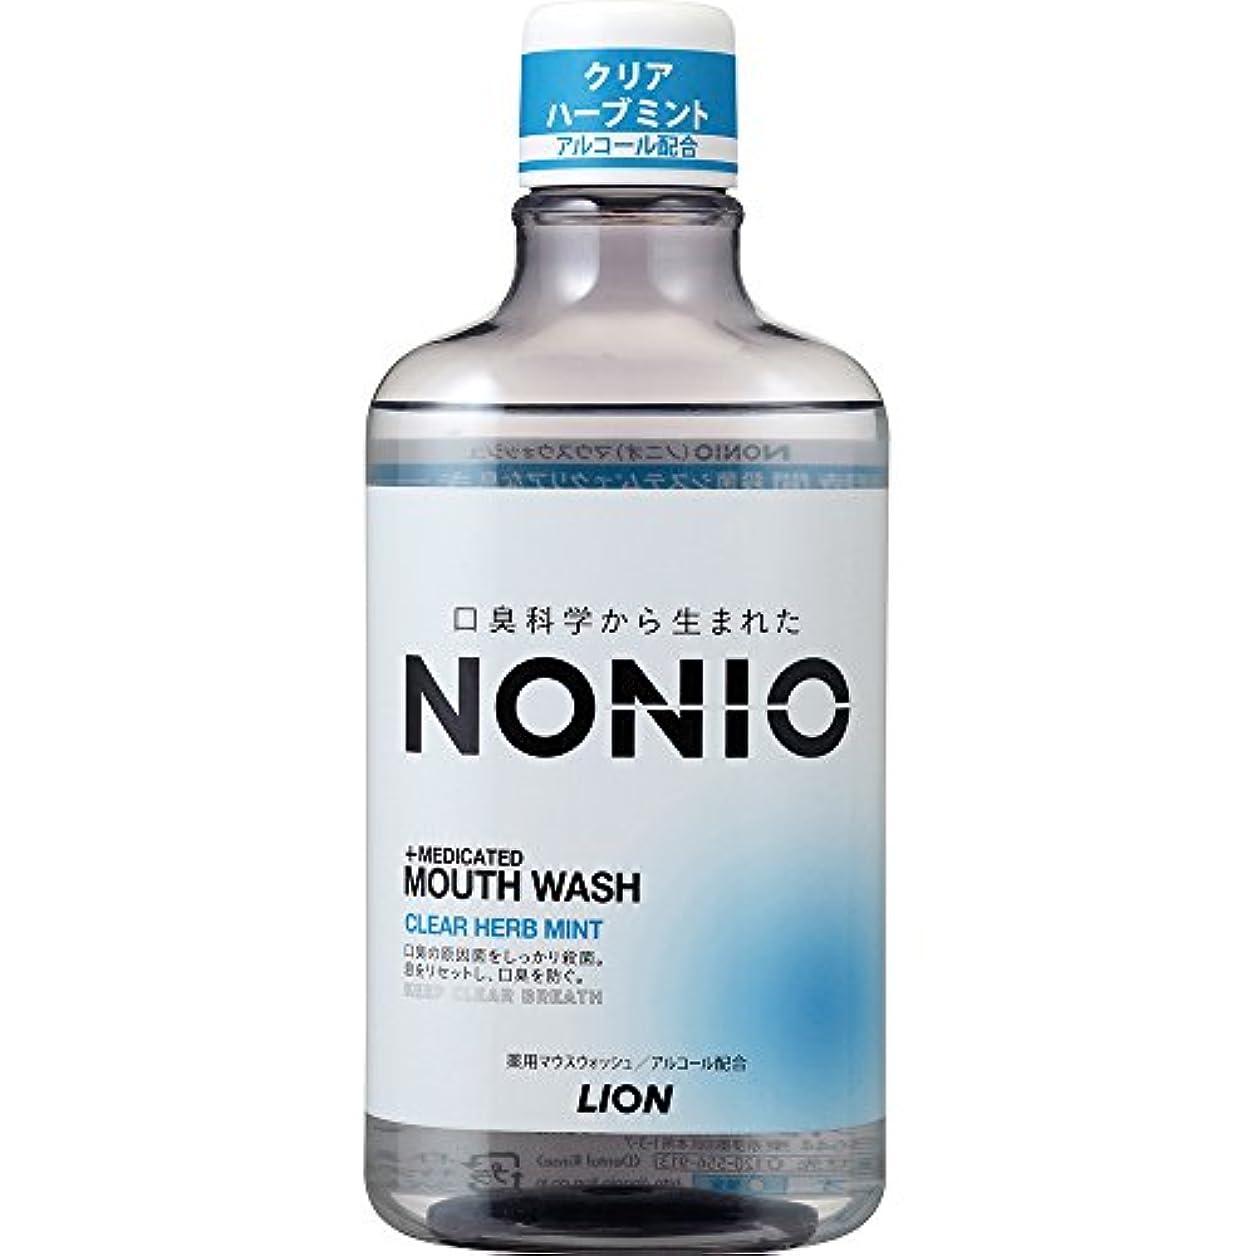 何補うのヒープ[医薬部外品]NONIO マウスウォッシュ クリアハーブミント 600ml 洗口液